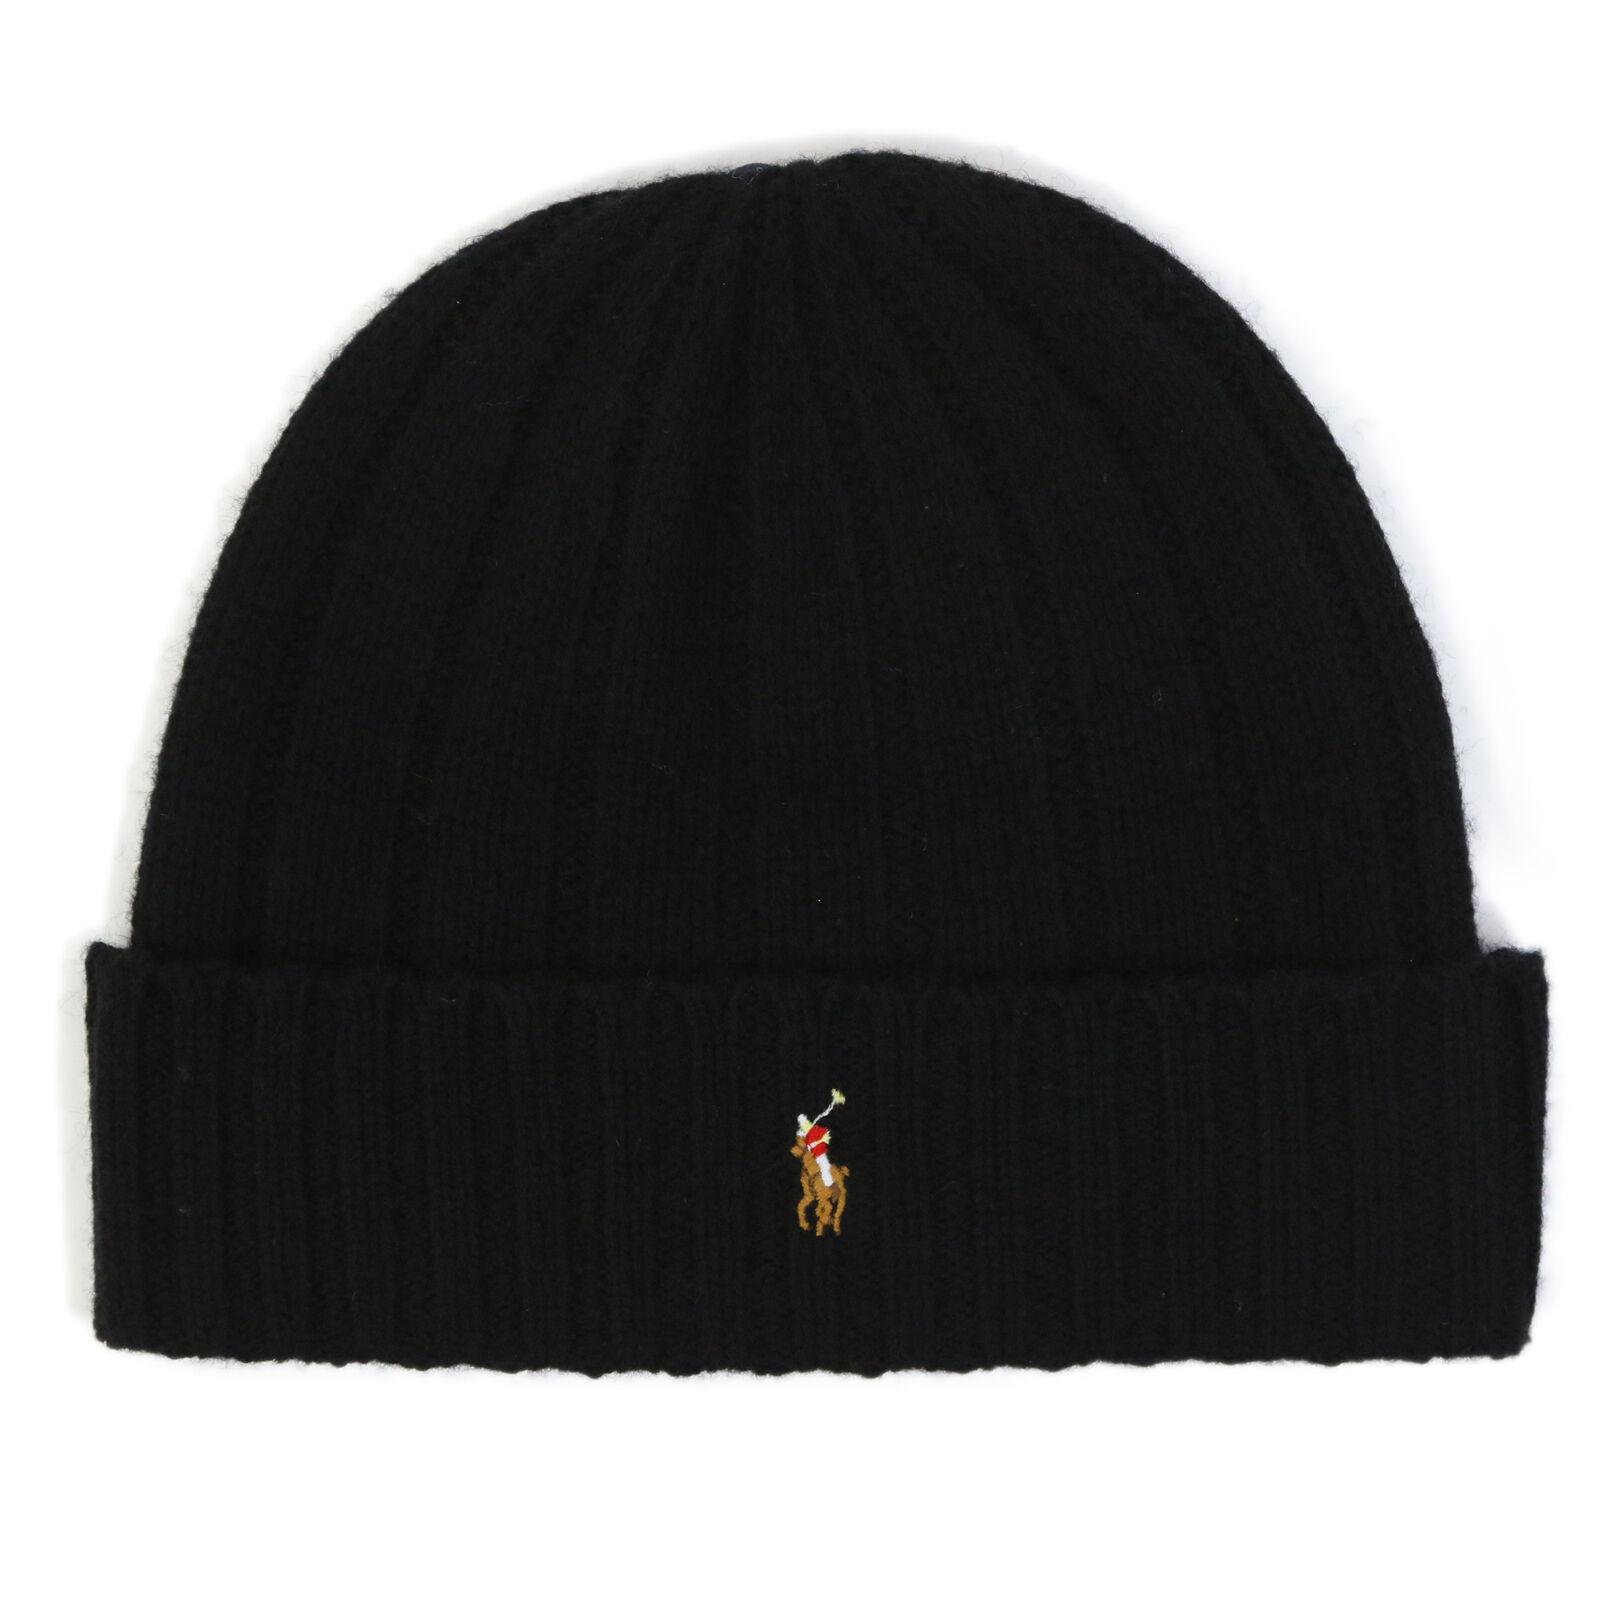 Polo Ralph Lauren Watch Cap Stocking Cap Biene Cap Hat  5 colors